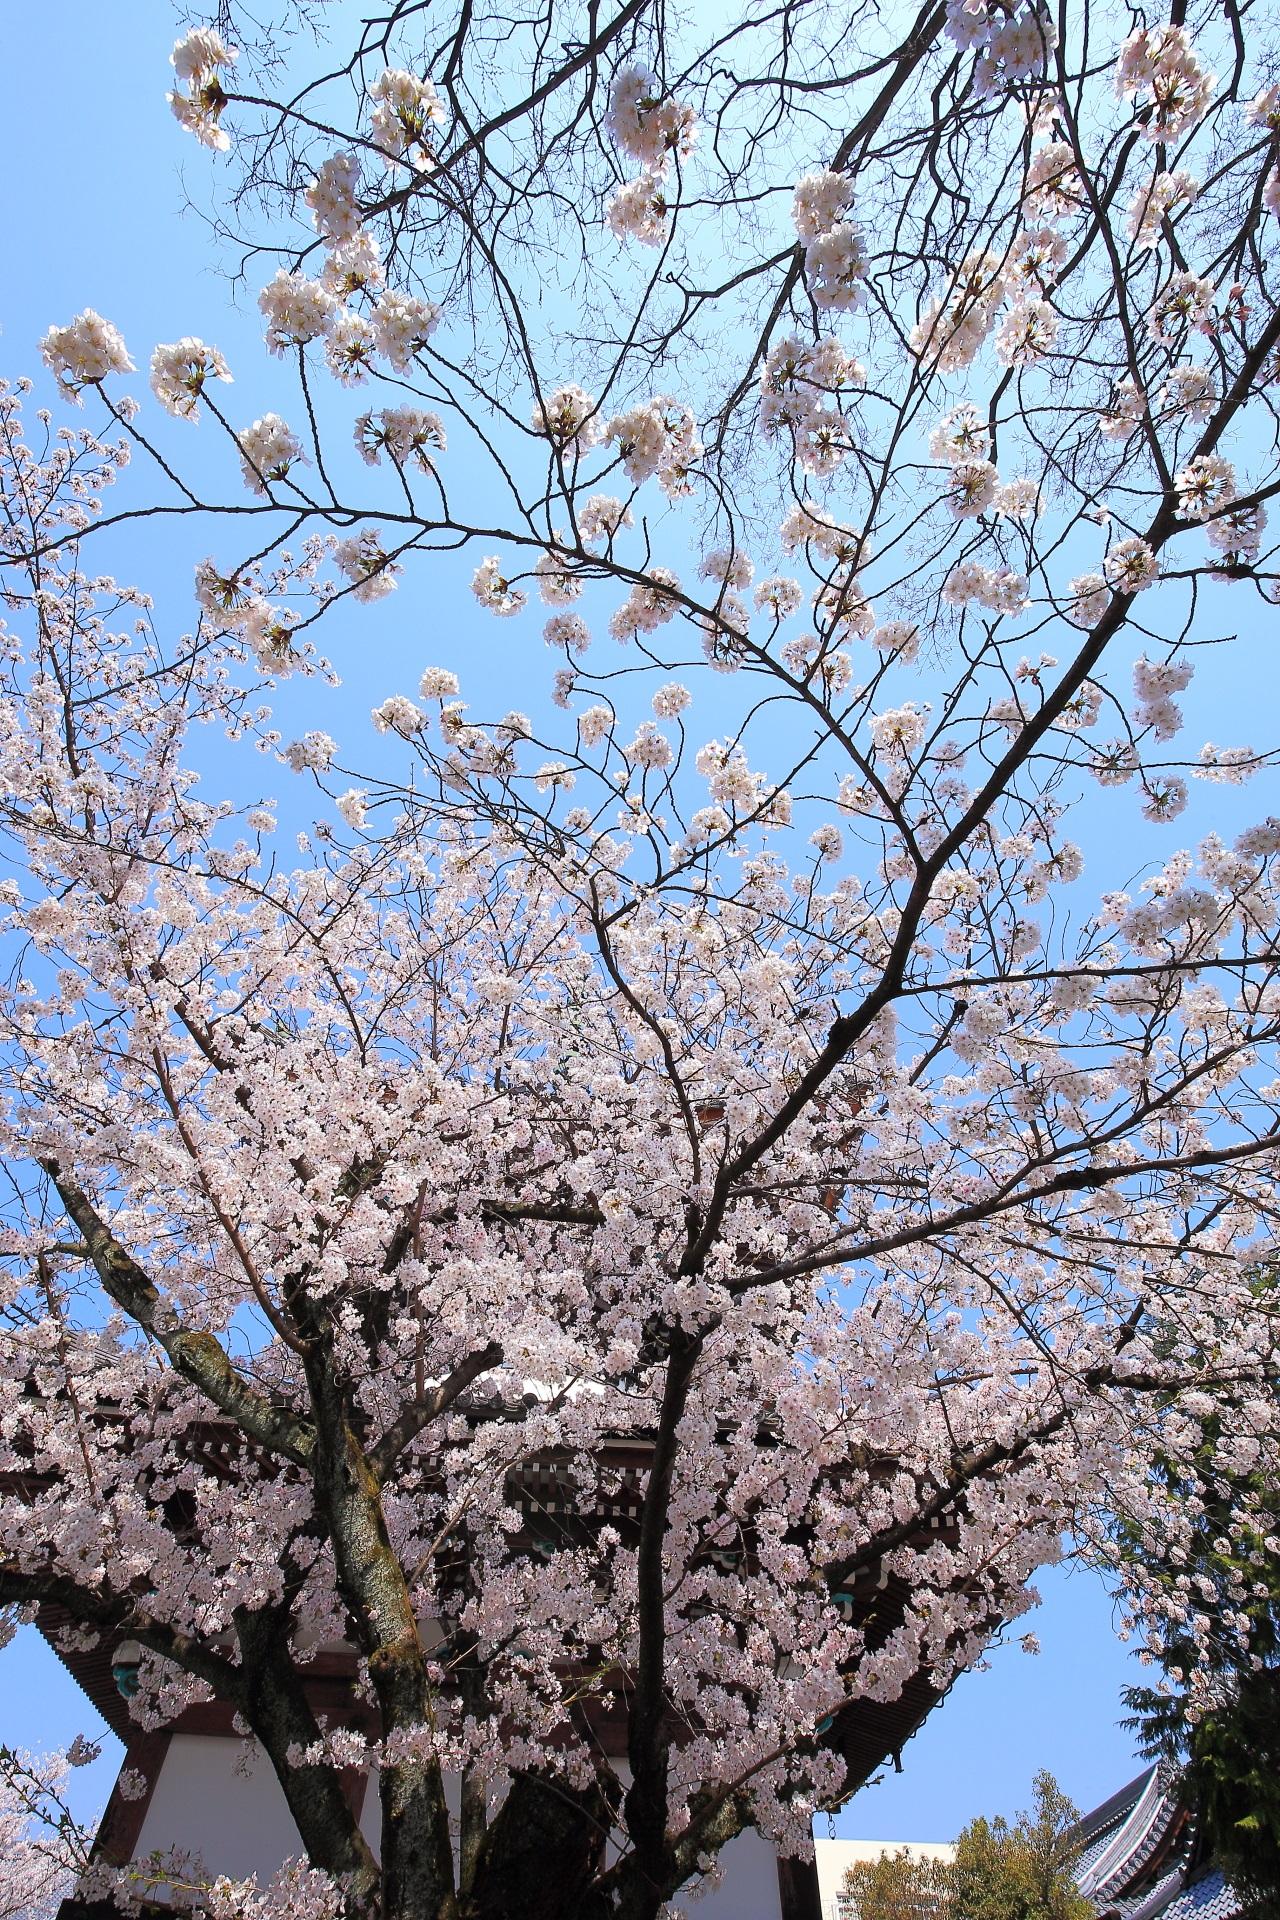 本法寺の多宝塔と雲一つない青空を彩る煌びやかな桜